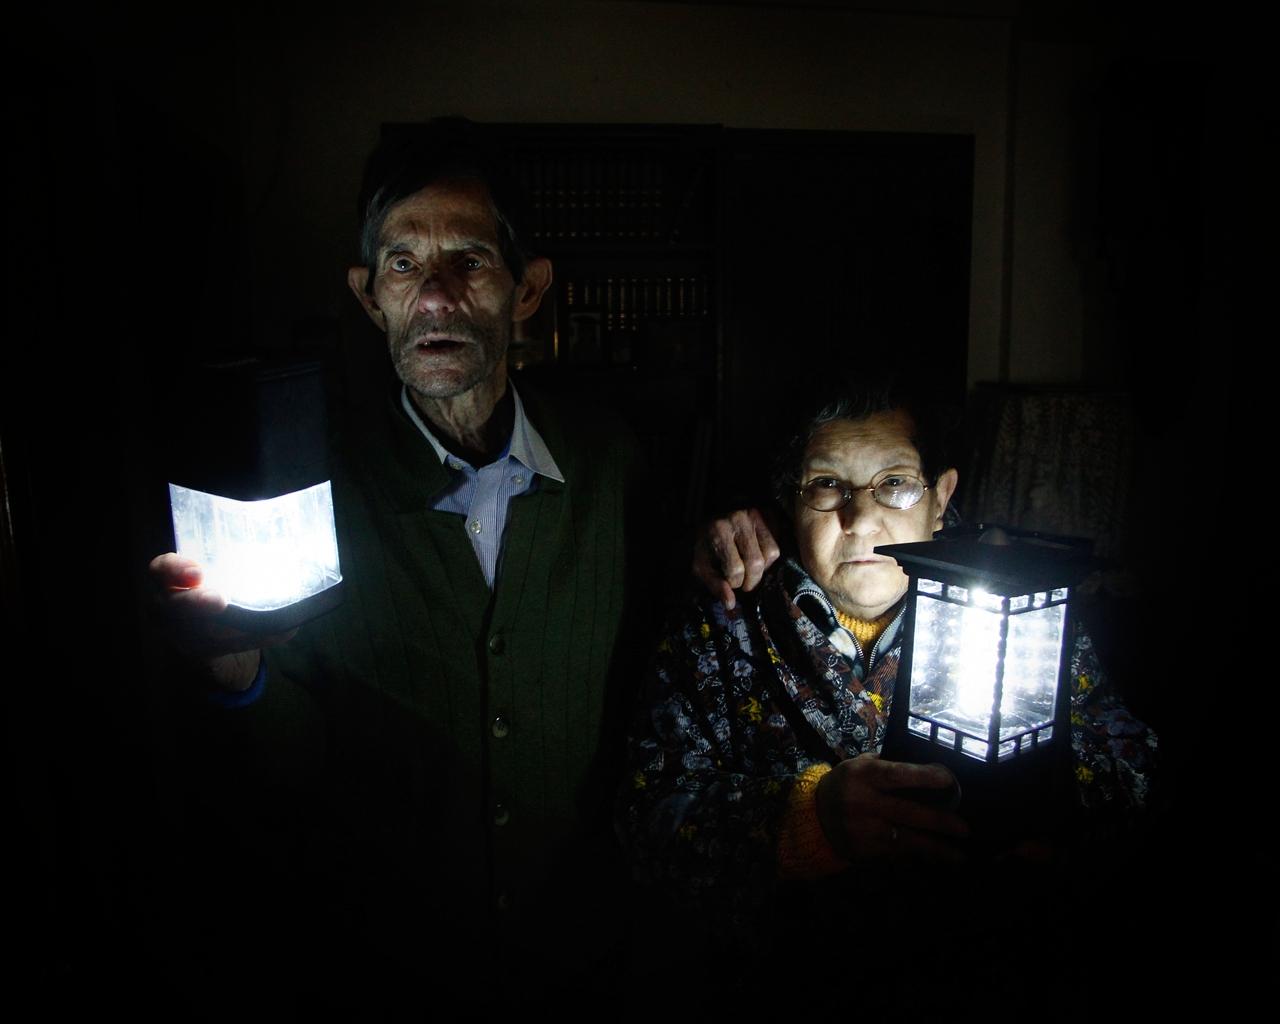 Lourdes y Jose María. Pobreza energética